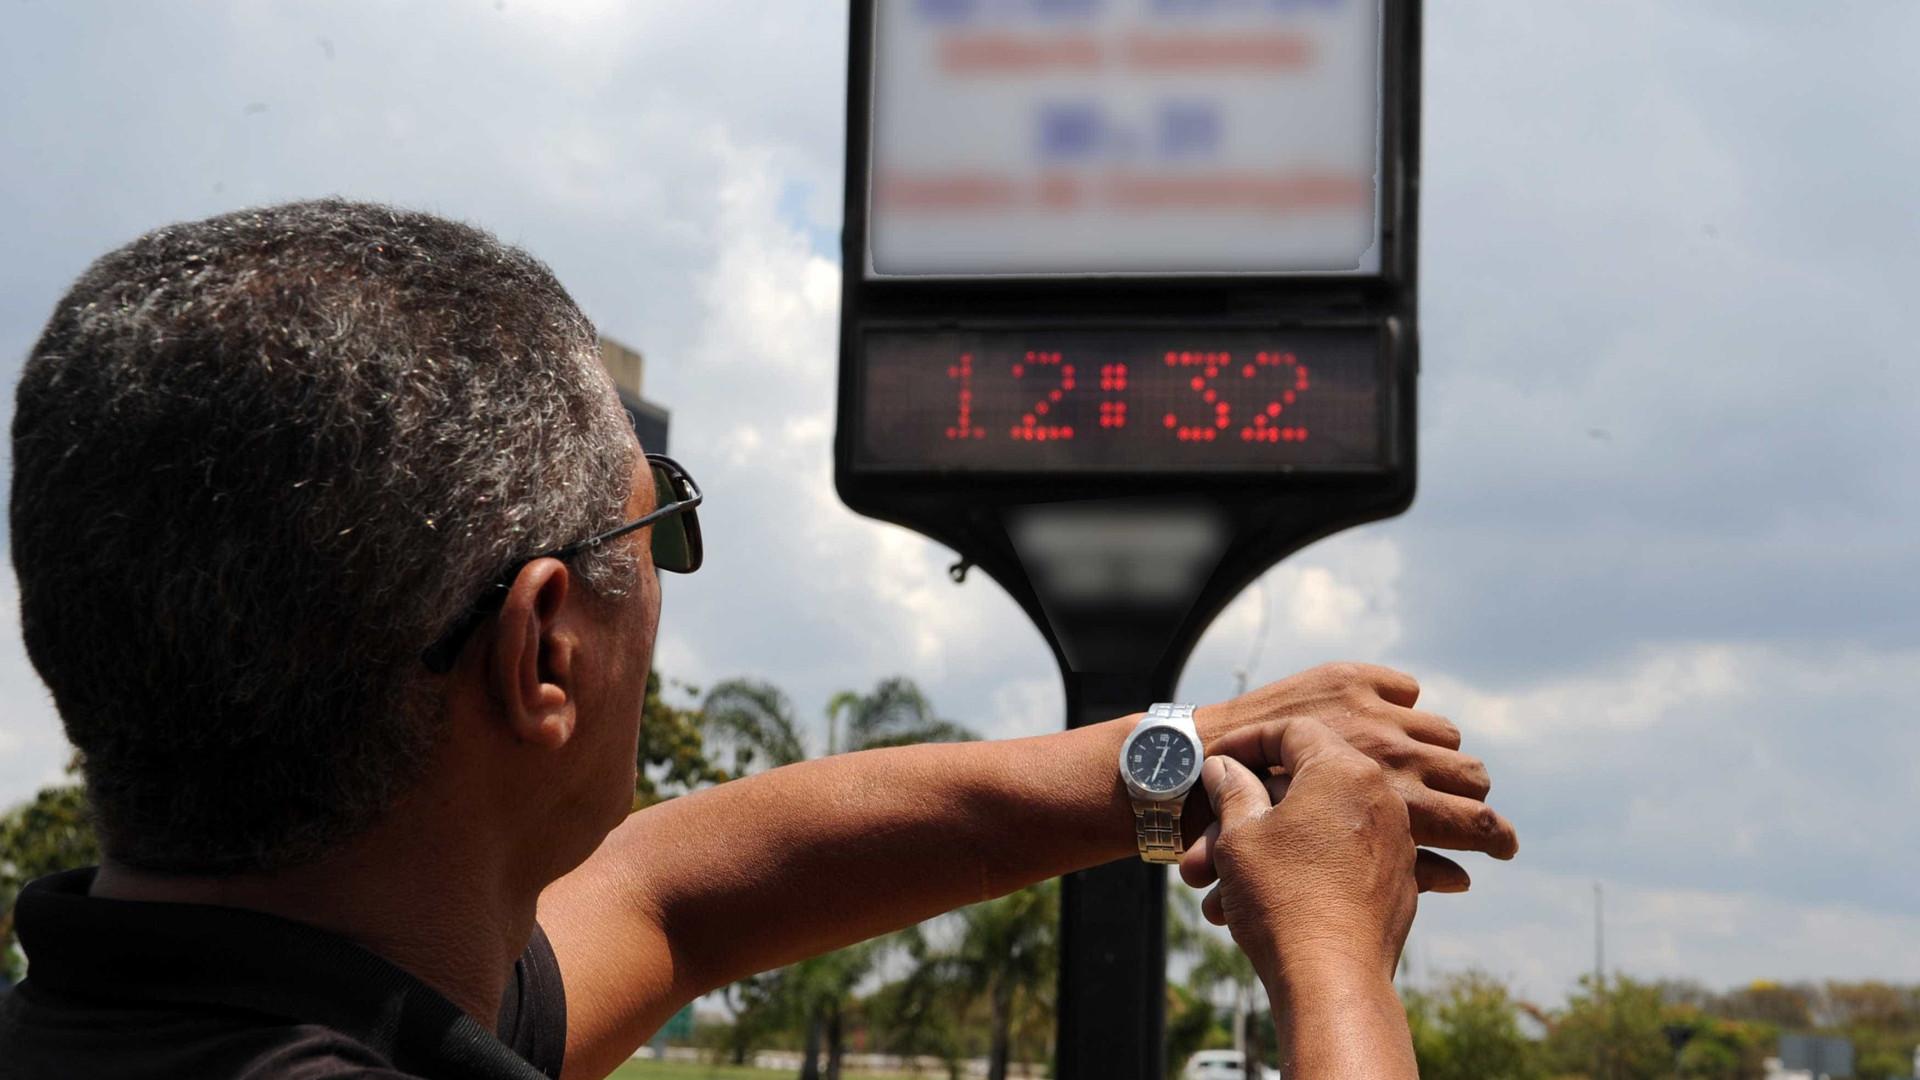 Governo decide manter início do horário de verão em 4 de novembro